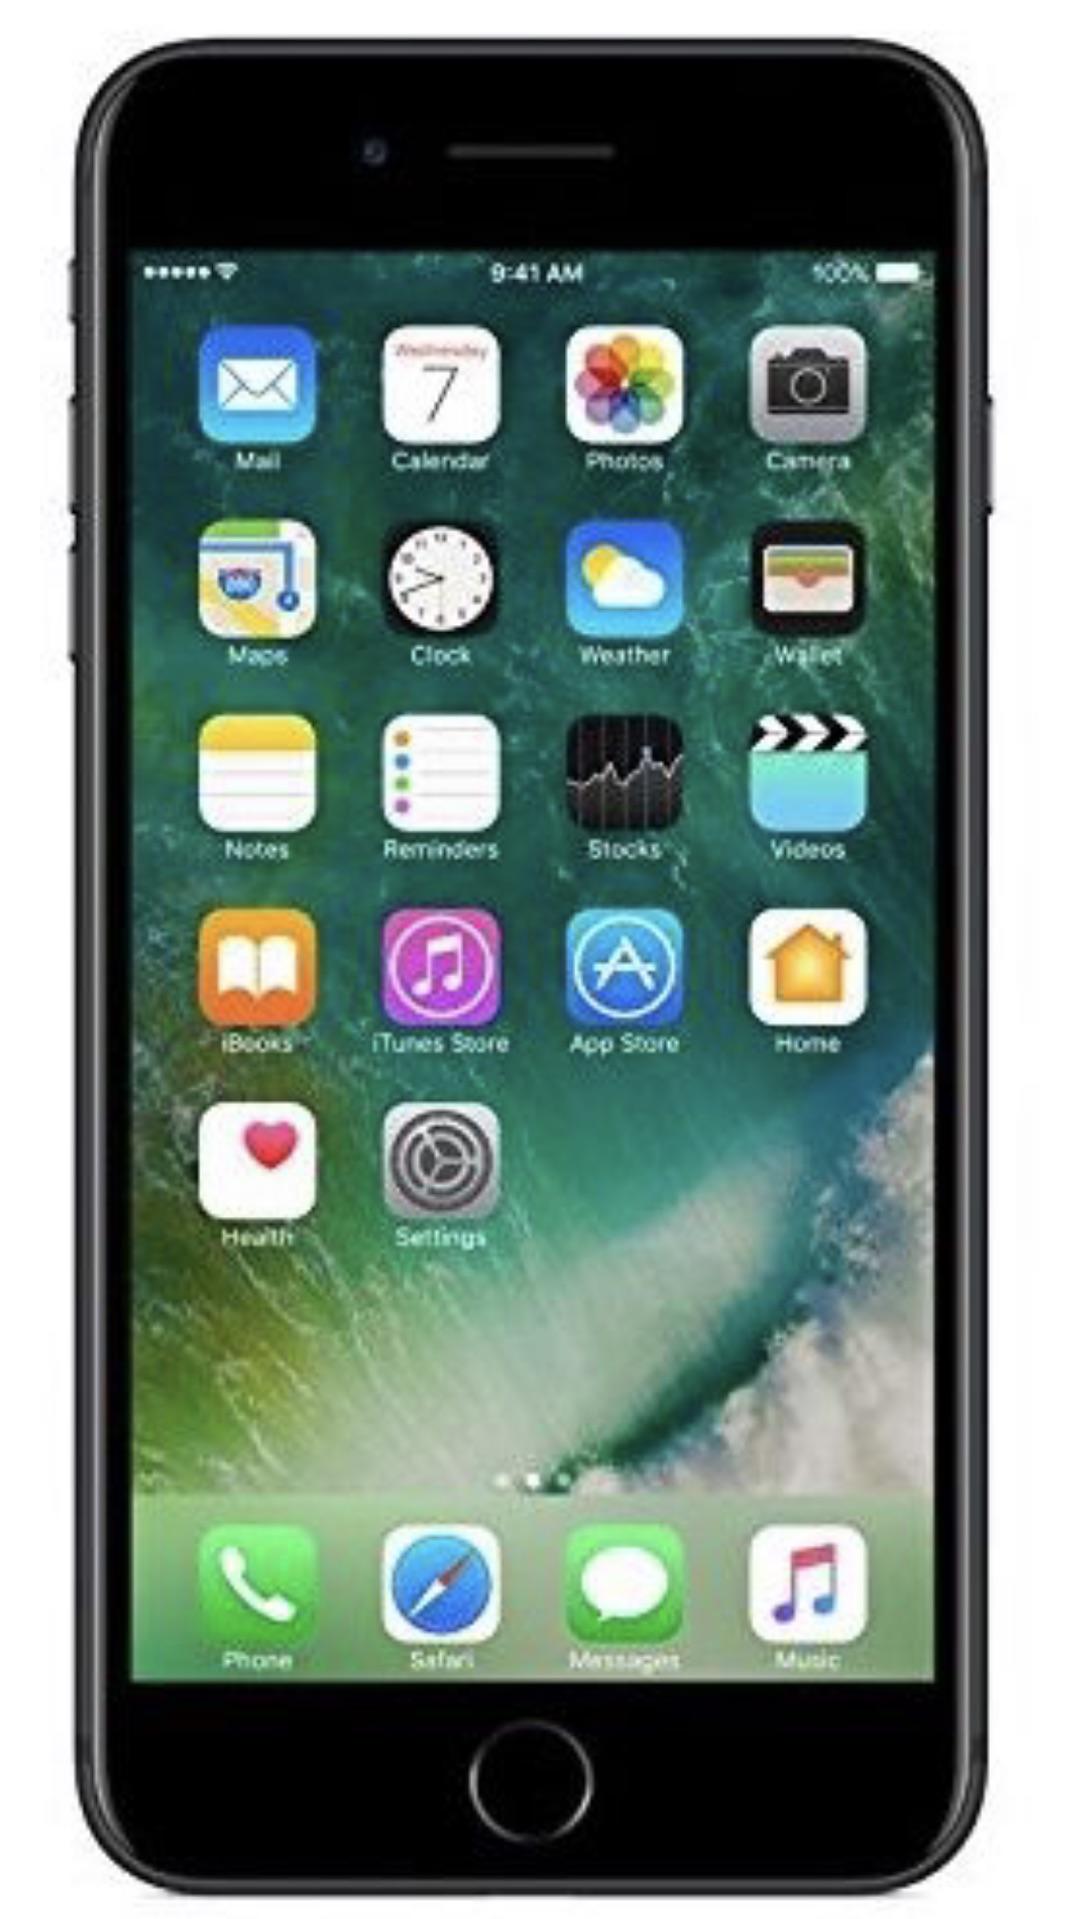 iPhone 11 64GB - $ 650 USDiPhone 11 128GB - $ 710 USDiPhone 11 256GB - $ 770 USDiPhone 11 Pro 64GB - $ 720 USDiPhone 11 Pro 256GB - $ 750 USDiPhone 11 Pro 512GB-  Black iPhone 7 Plus ايفون...